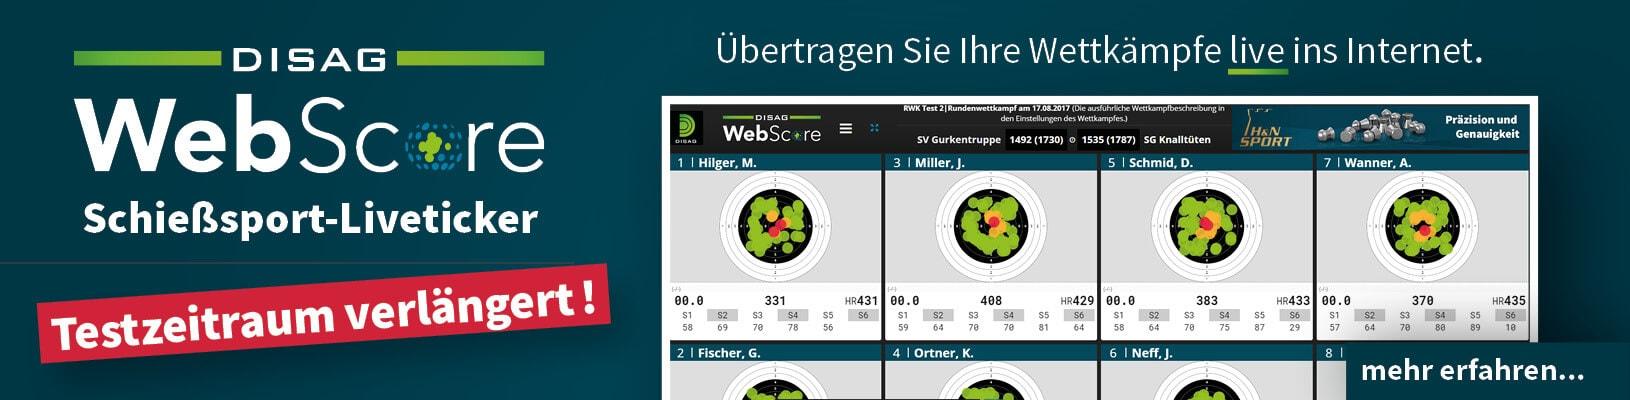 slider-webscore-testzeitraum